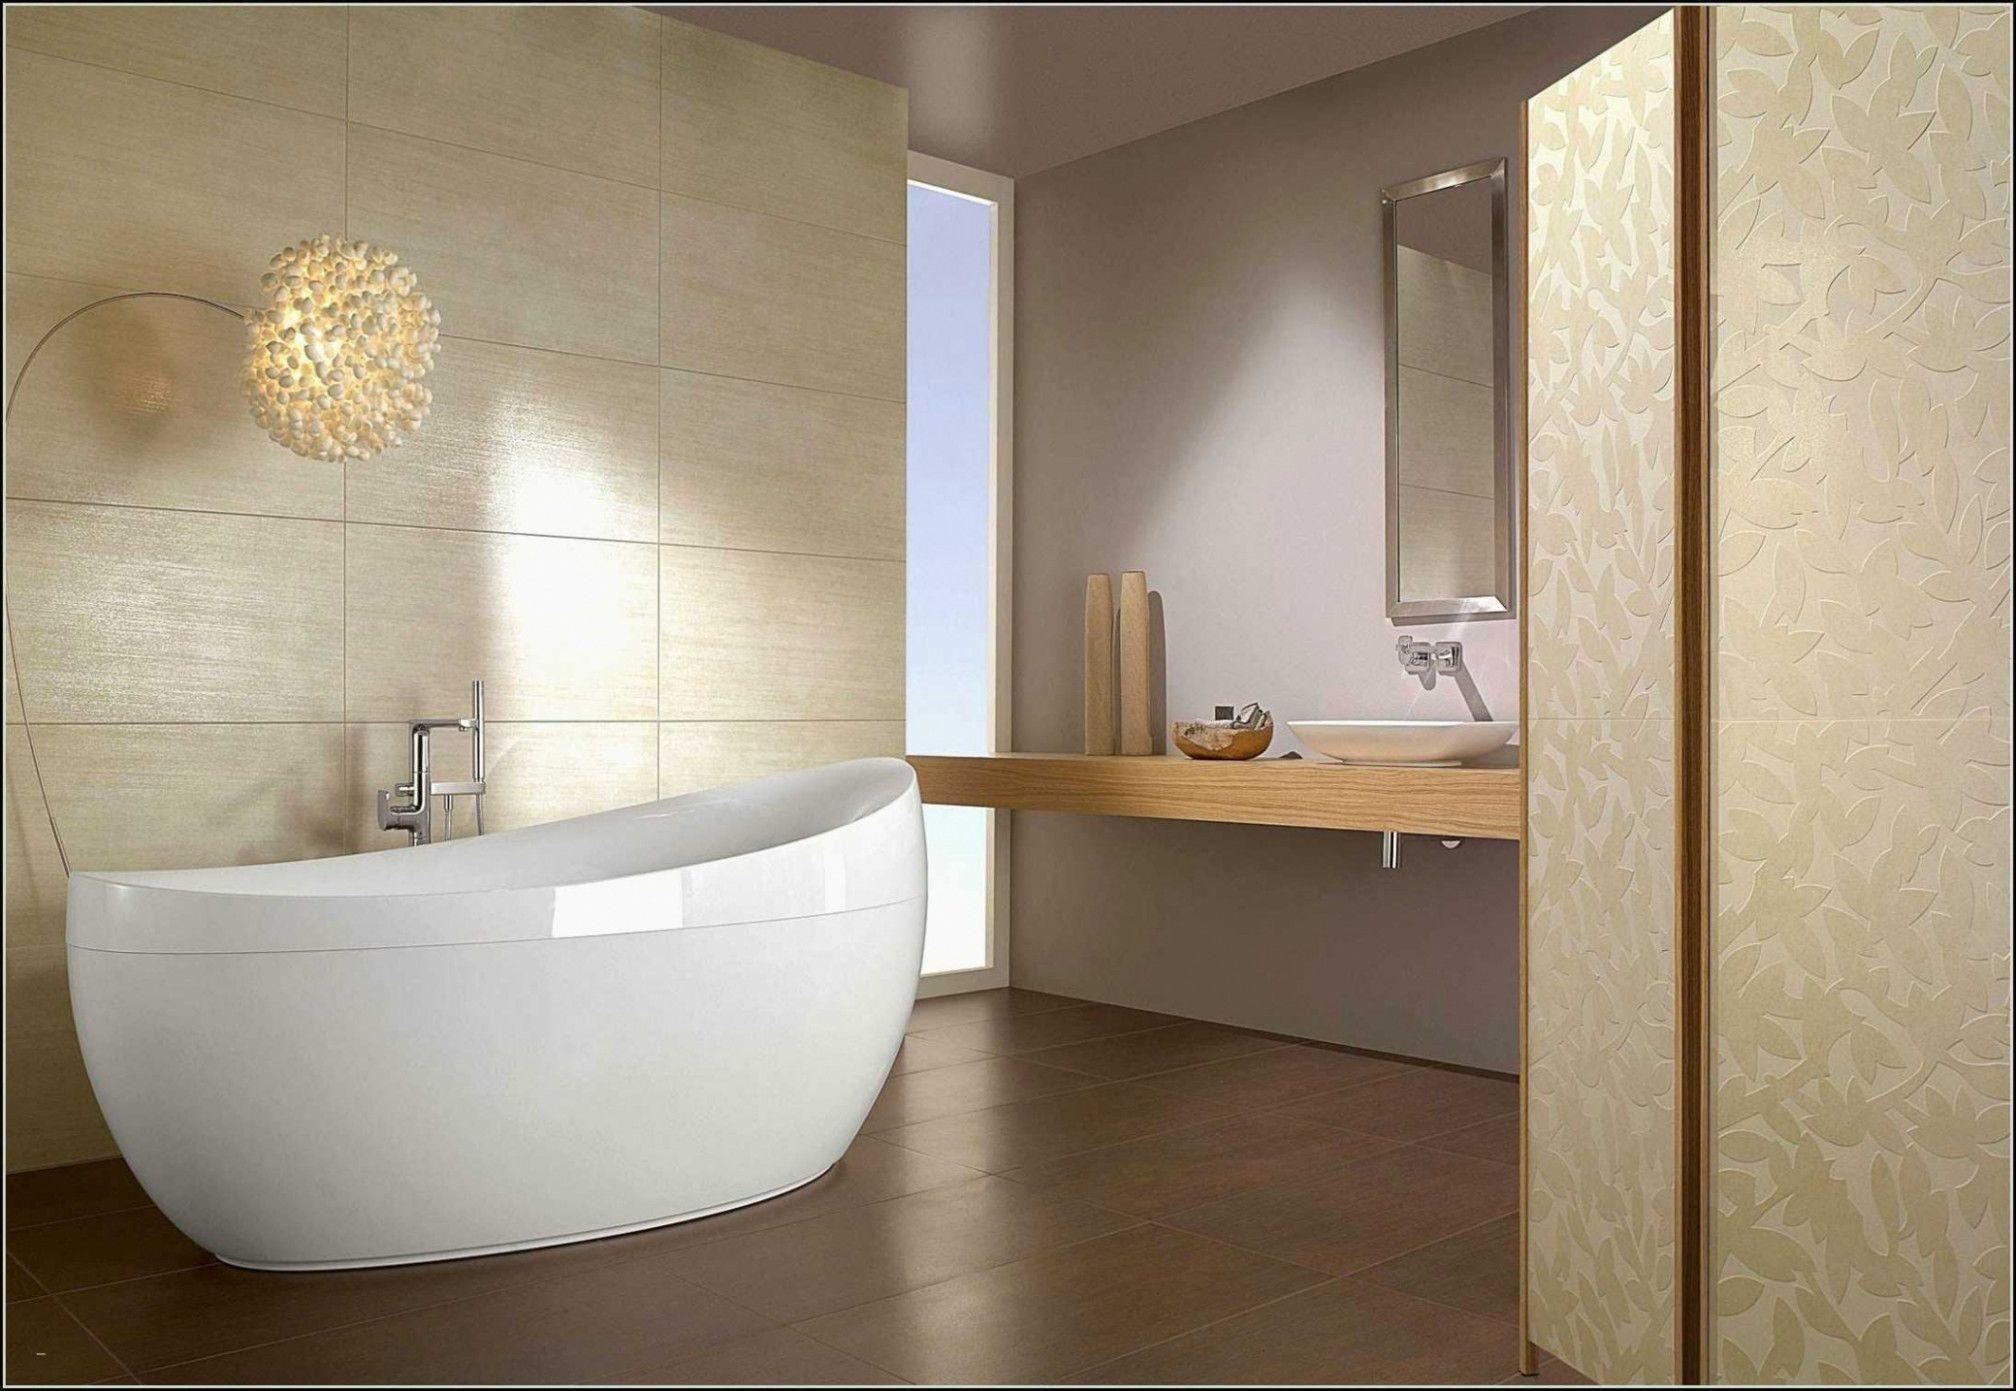 Badezimmer Gestalten Fliesen Alte NeuAlte Badezimmer